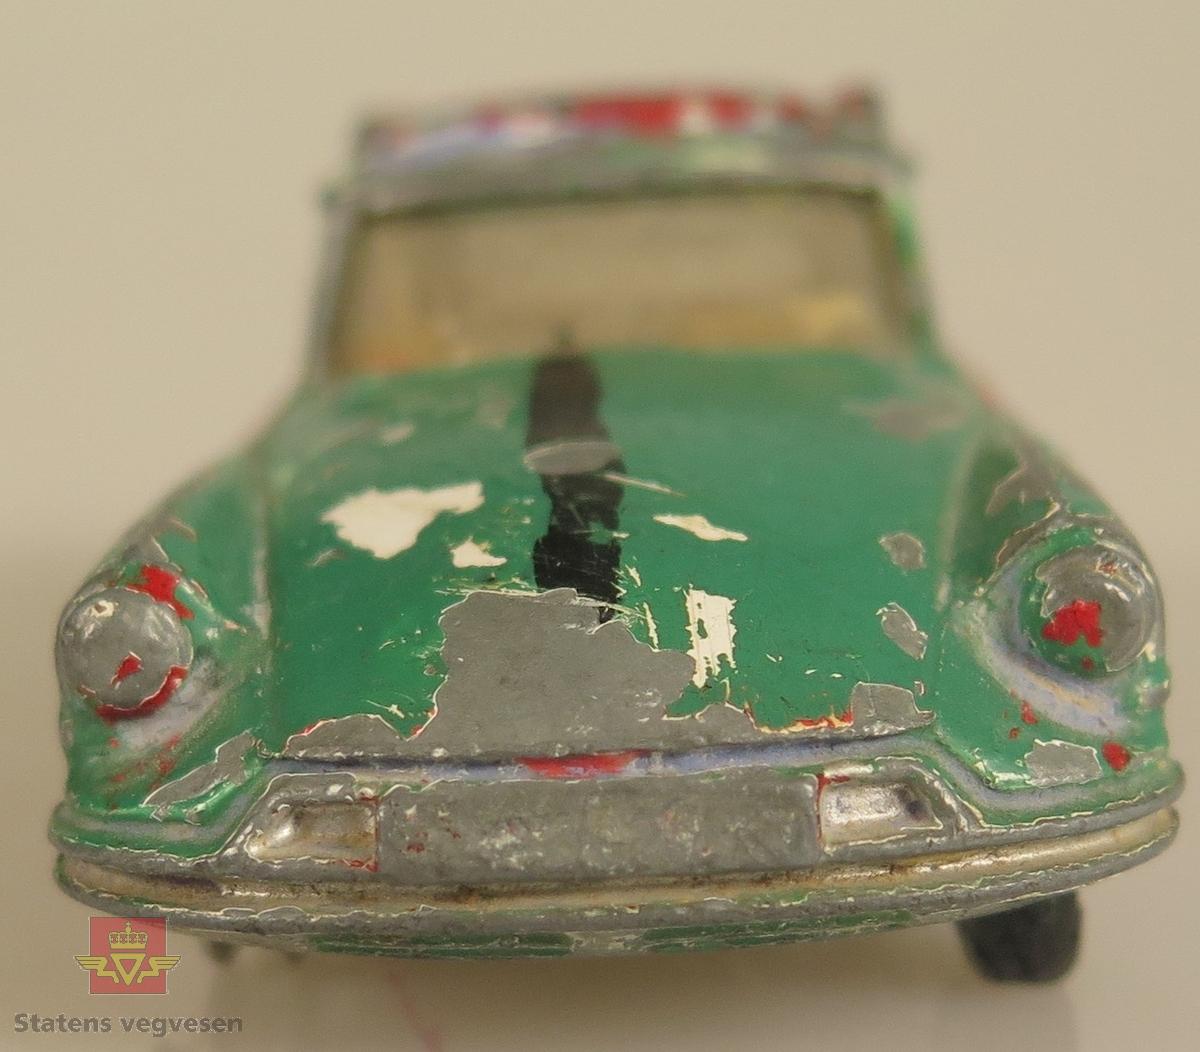 Modellbil av en Citroen Safari, modellbilen er farget grønn med røde dører.